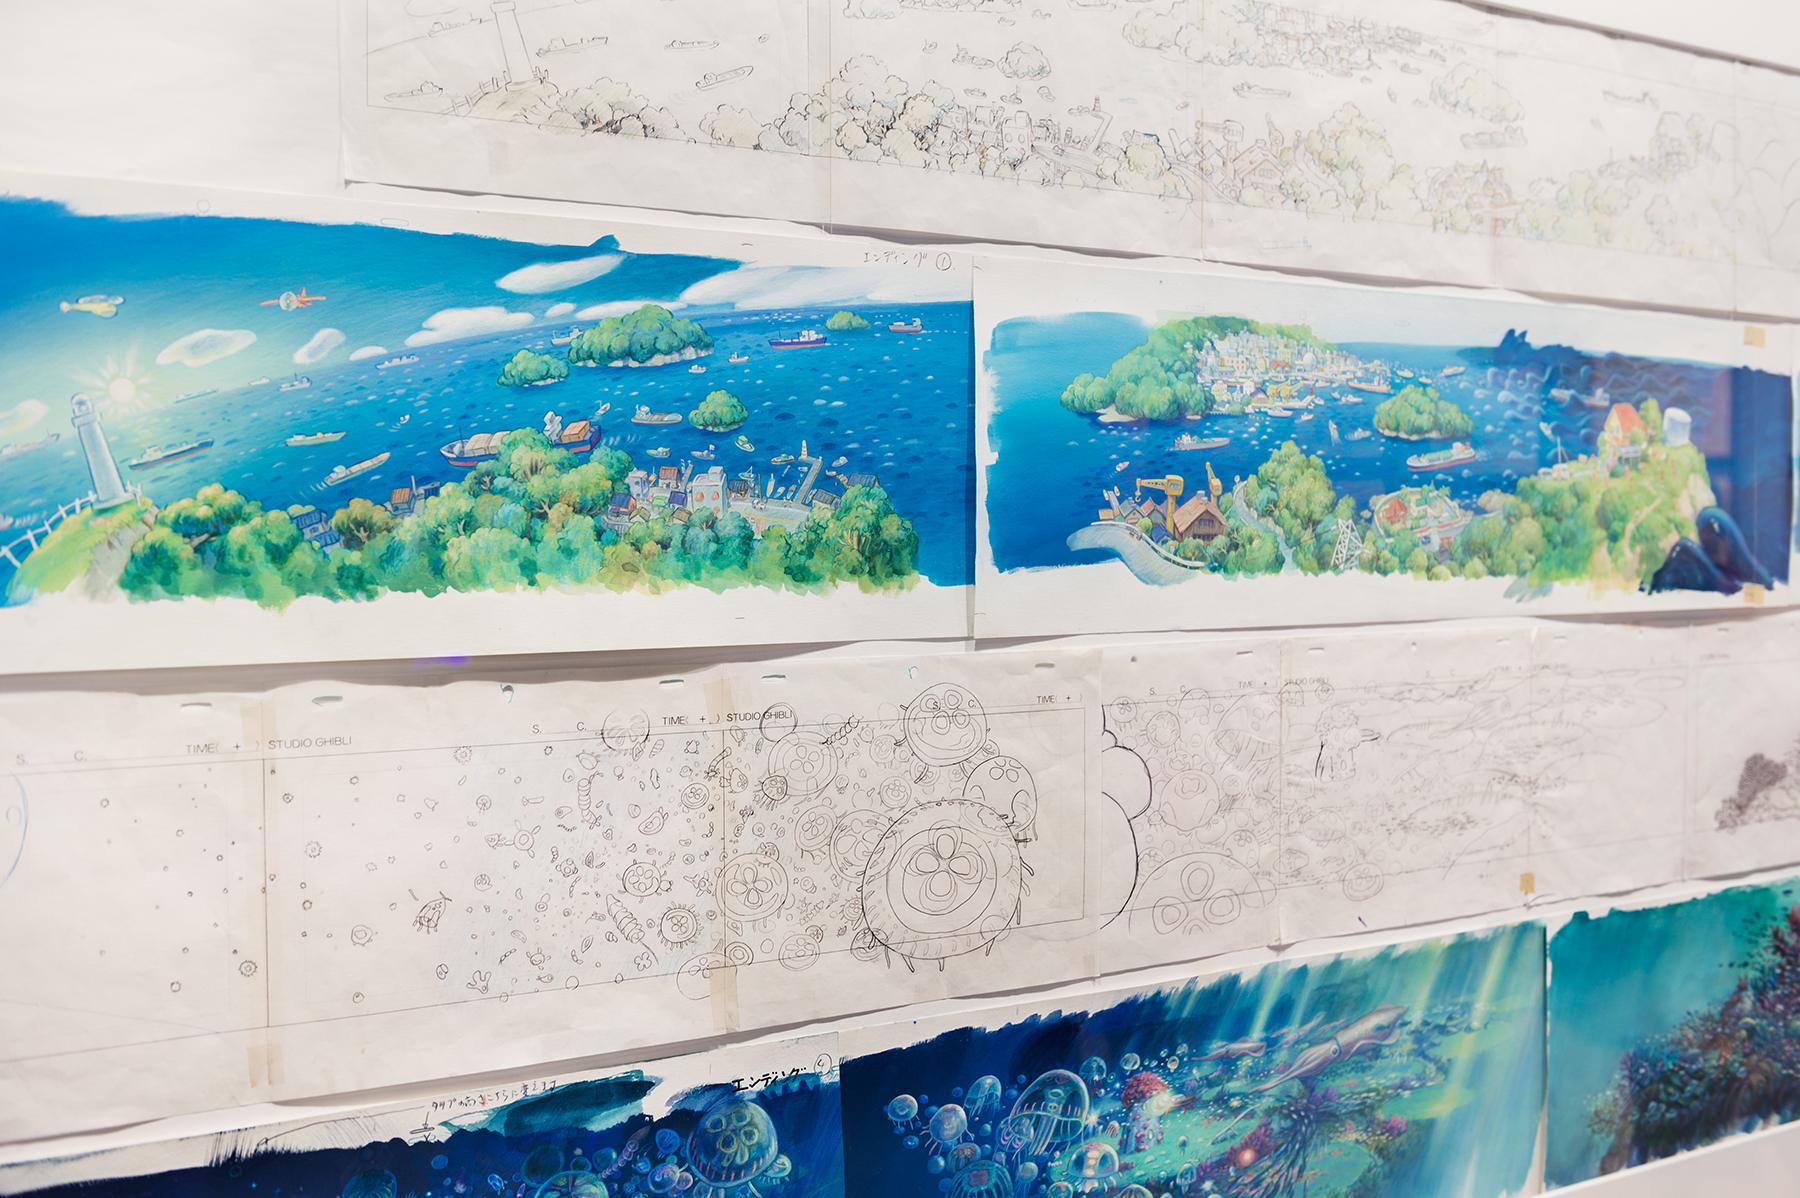 電影《崖上的波妞》構圖與原畫對照圖。